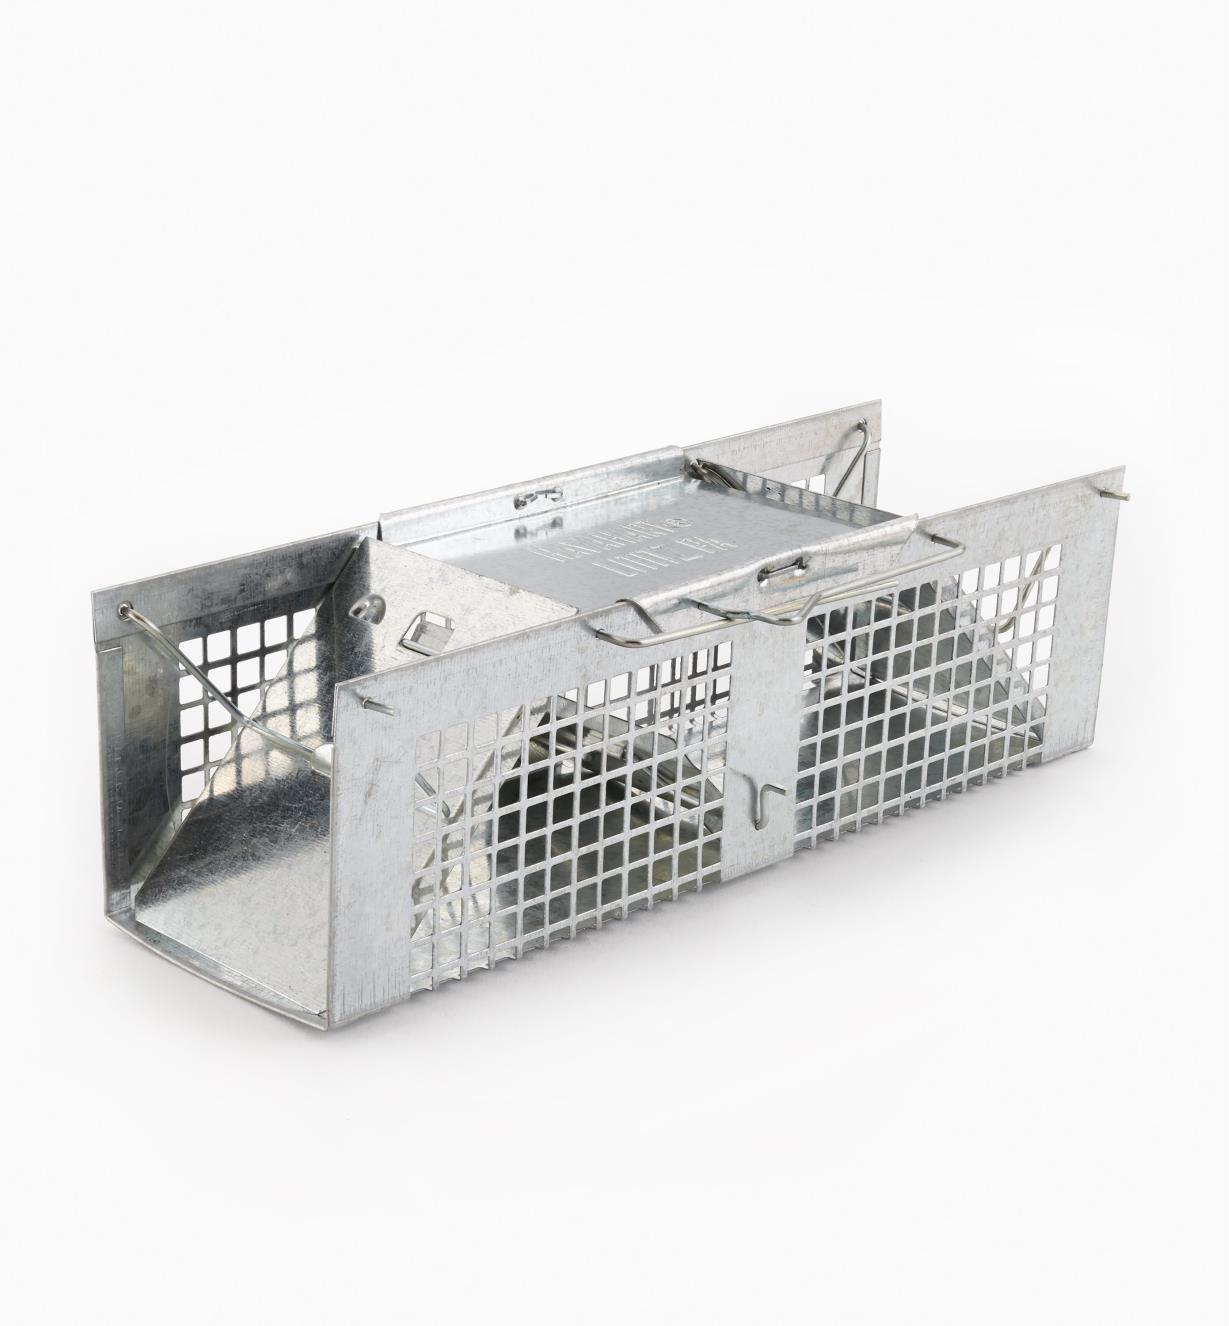 XM195 - Havahart Mousetrap